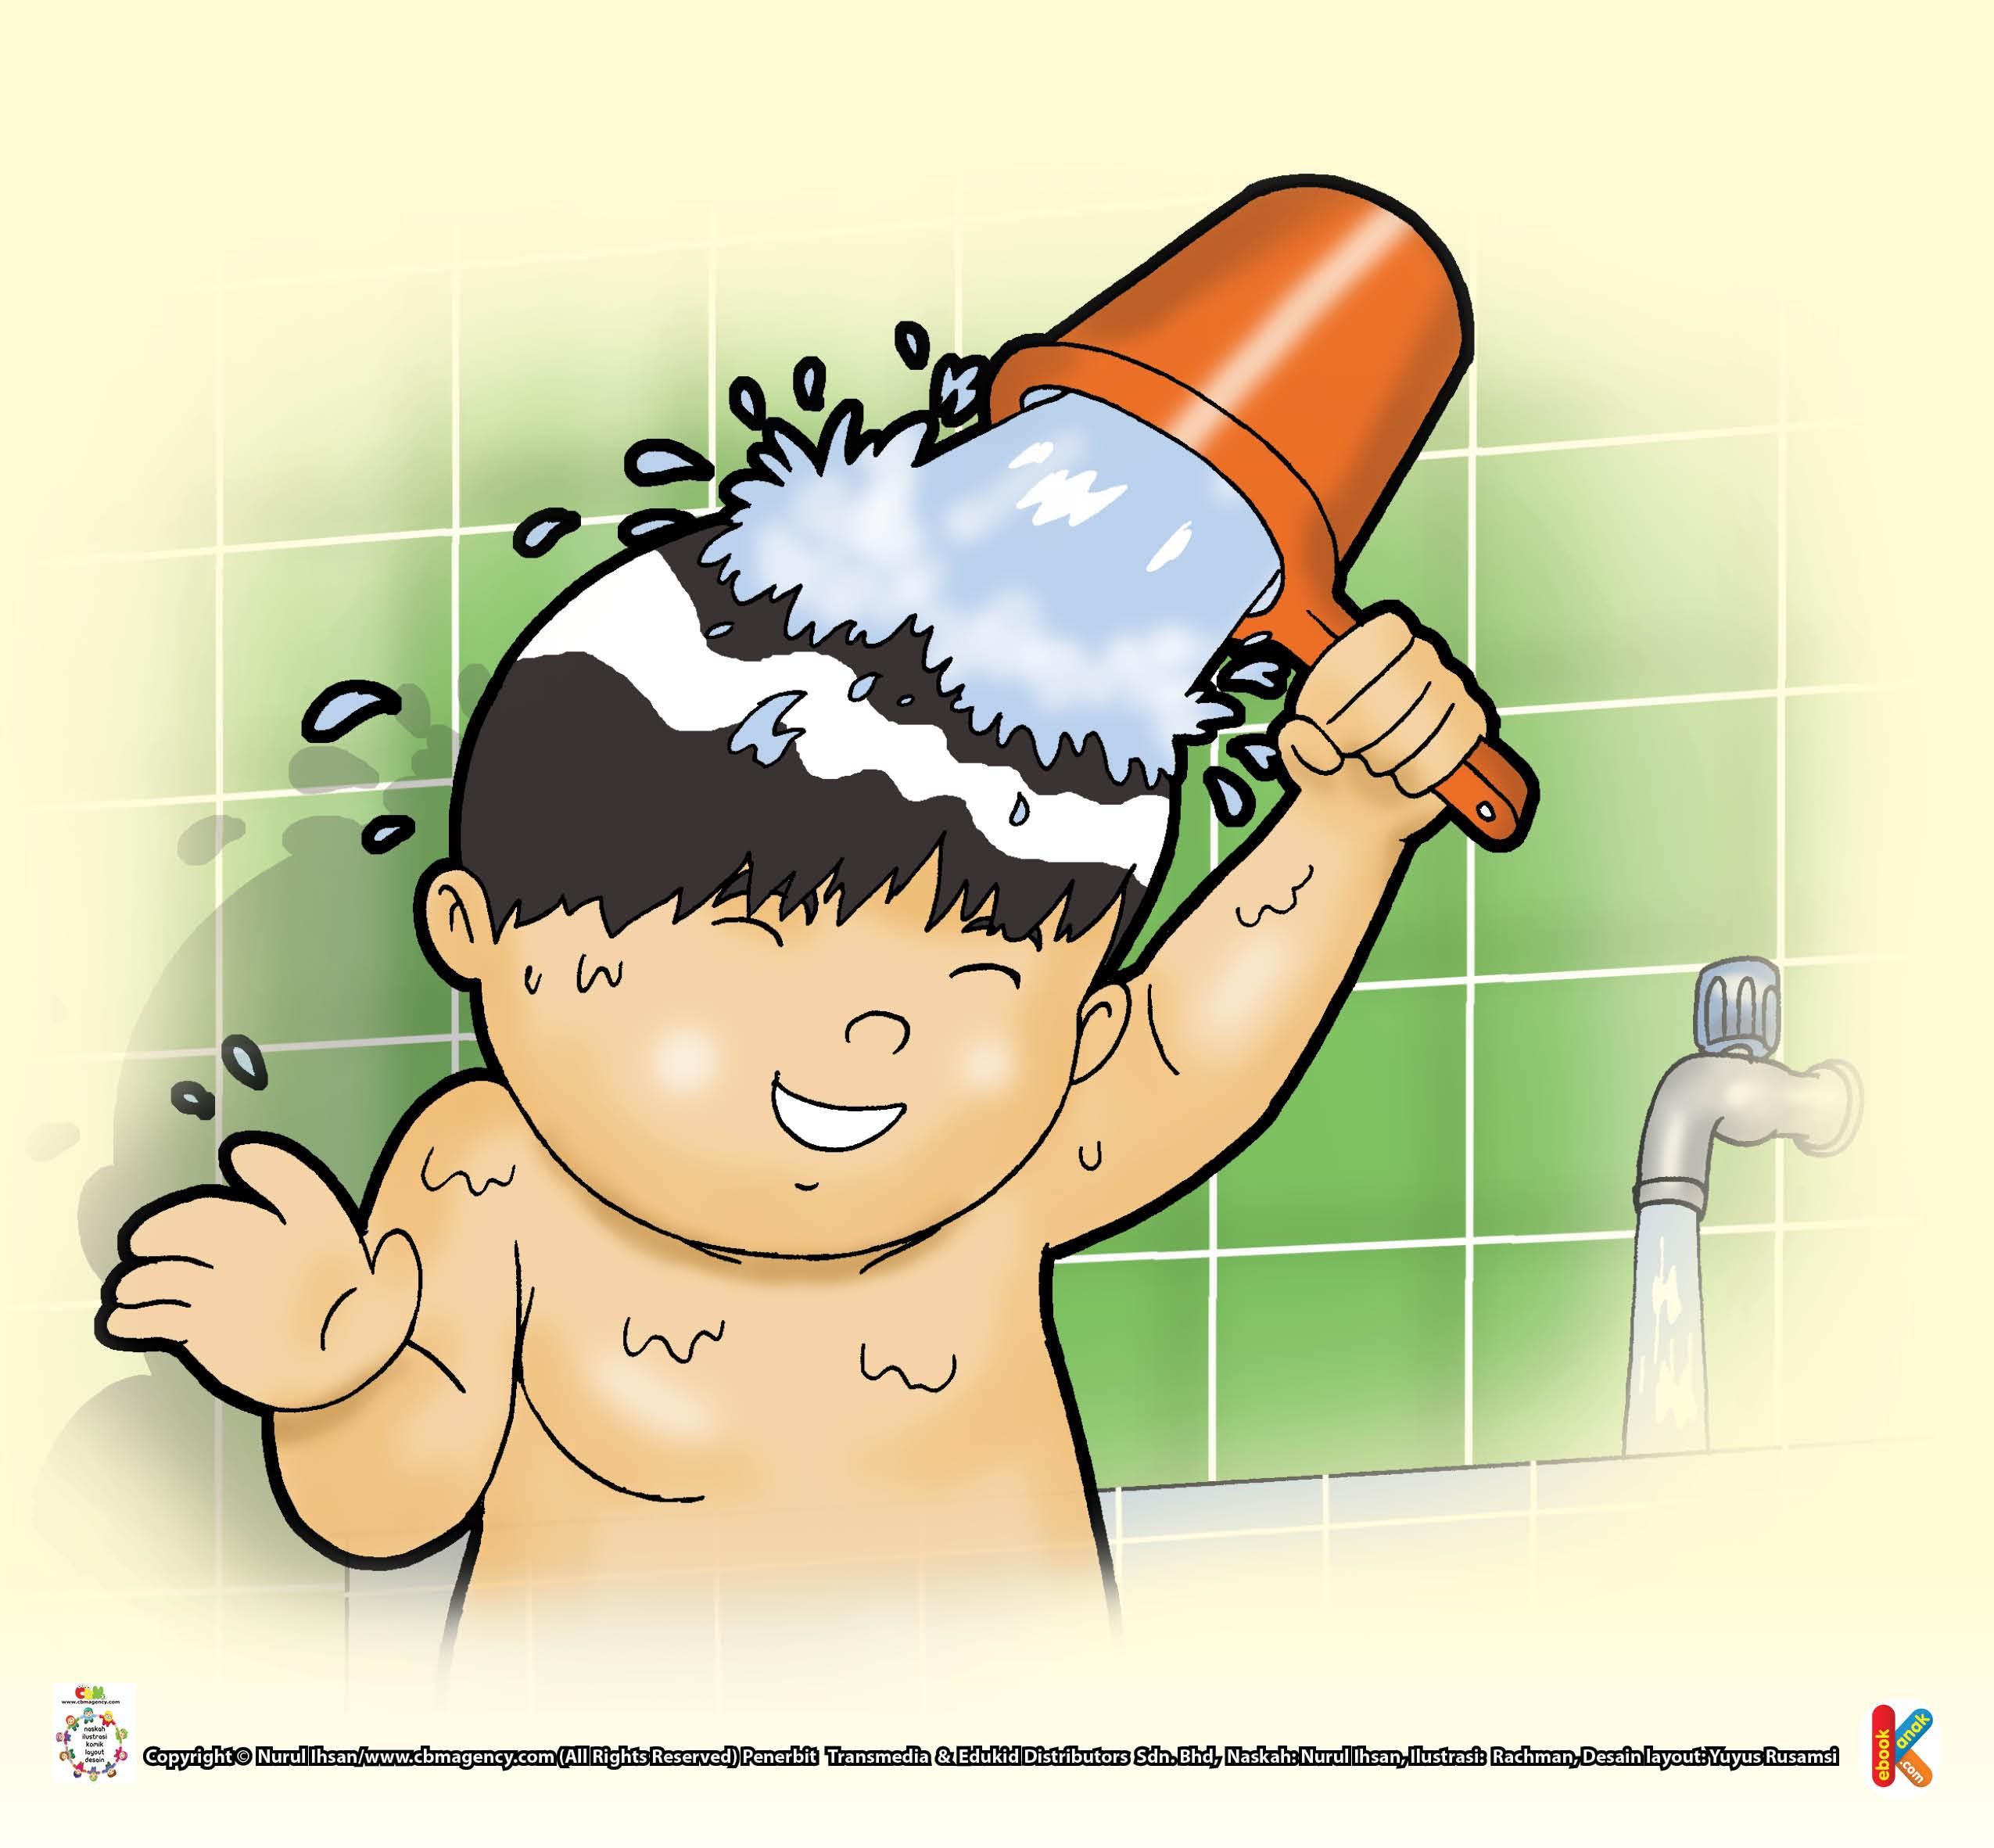 gambar mandi wajib betul klik aje gambar anak di rebanas